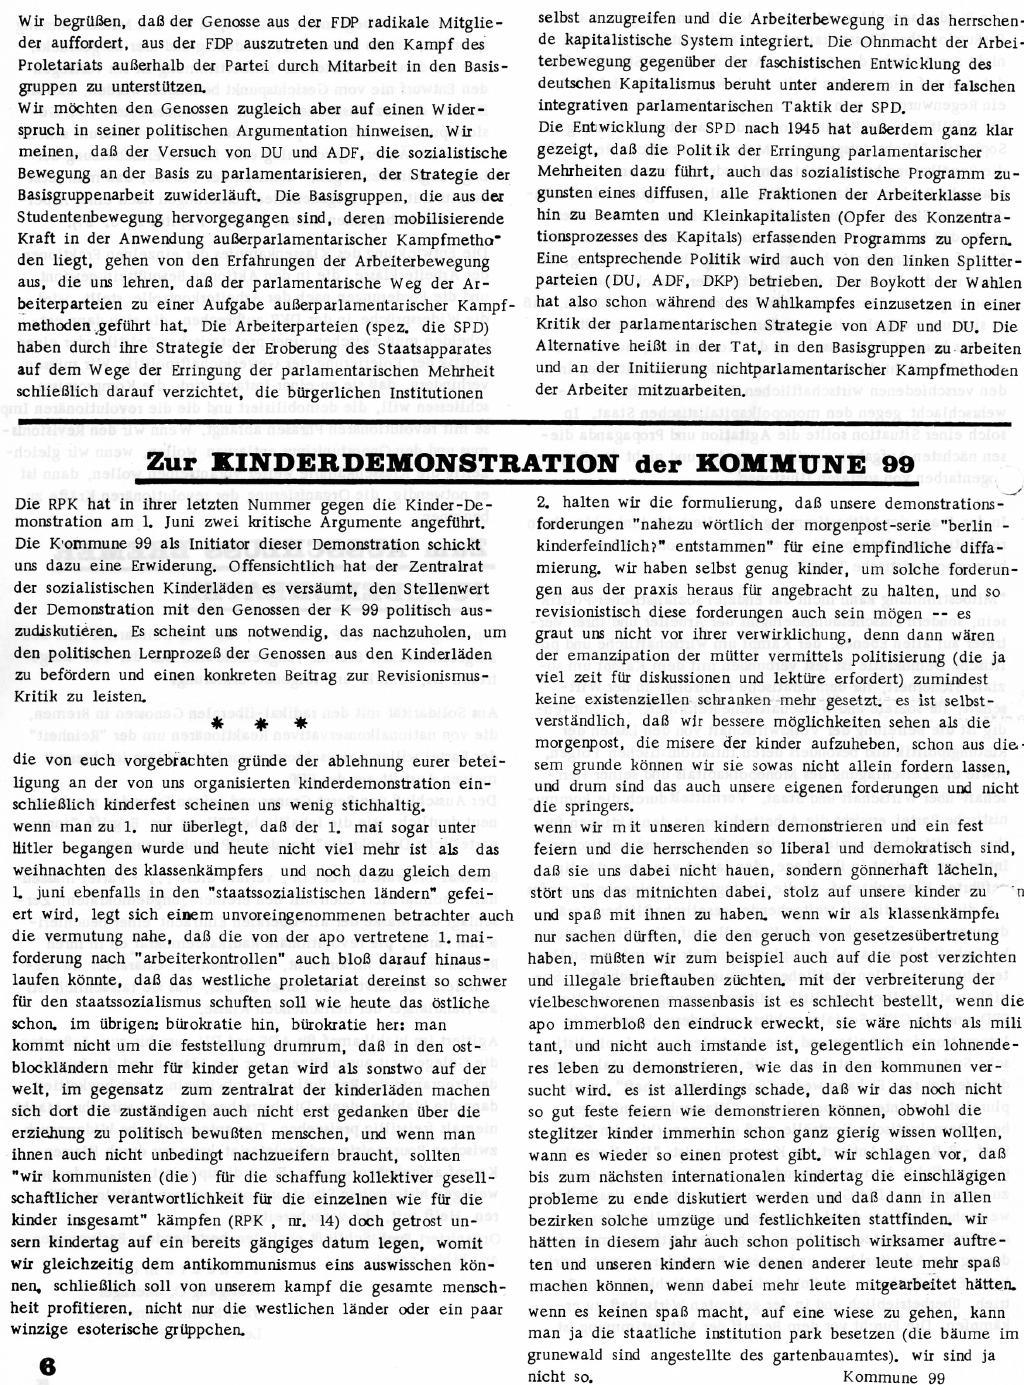 RPK_1969_016_06